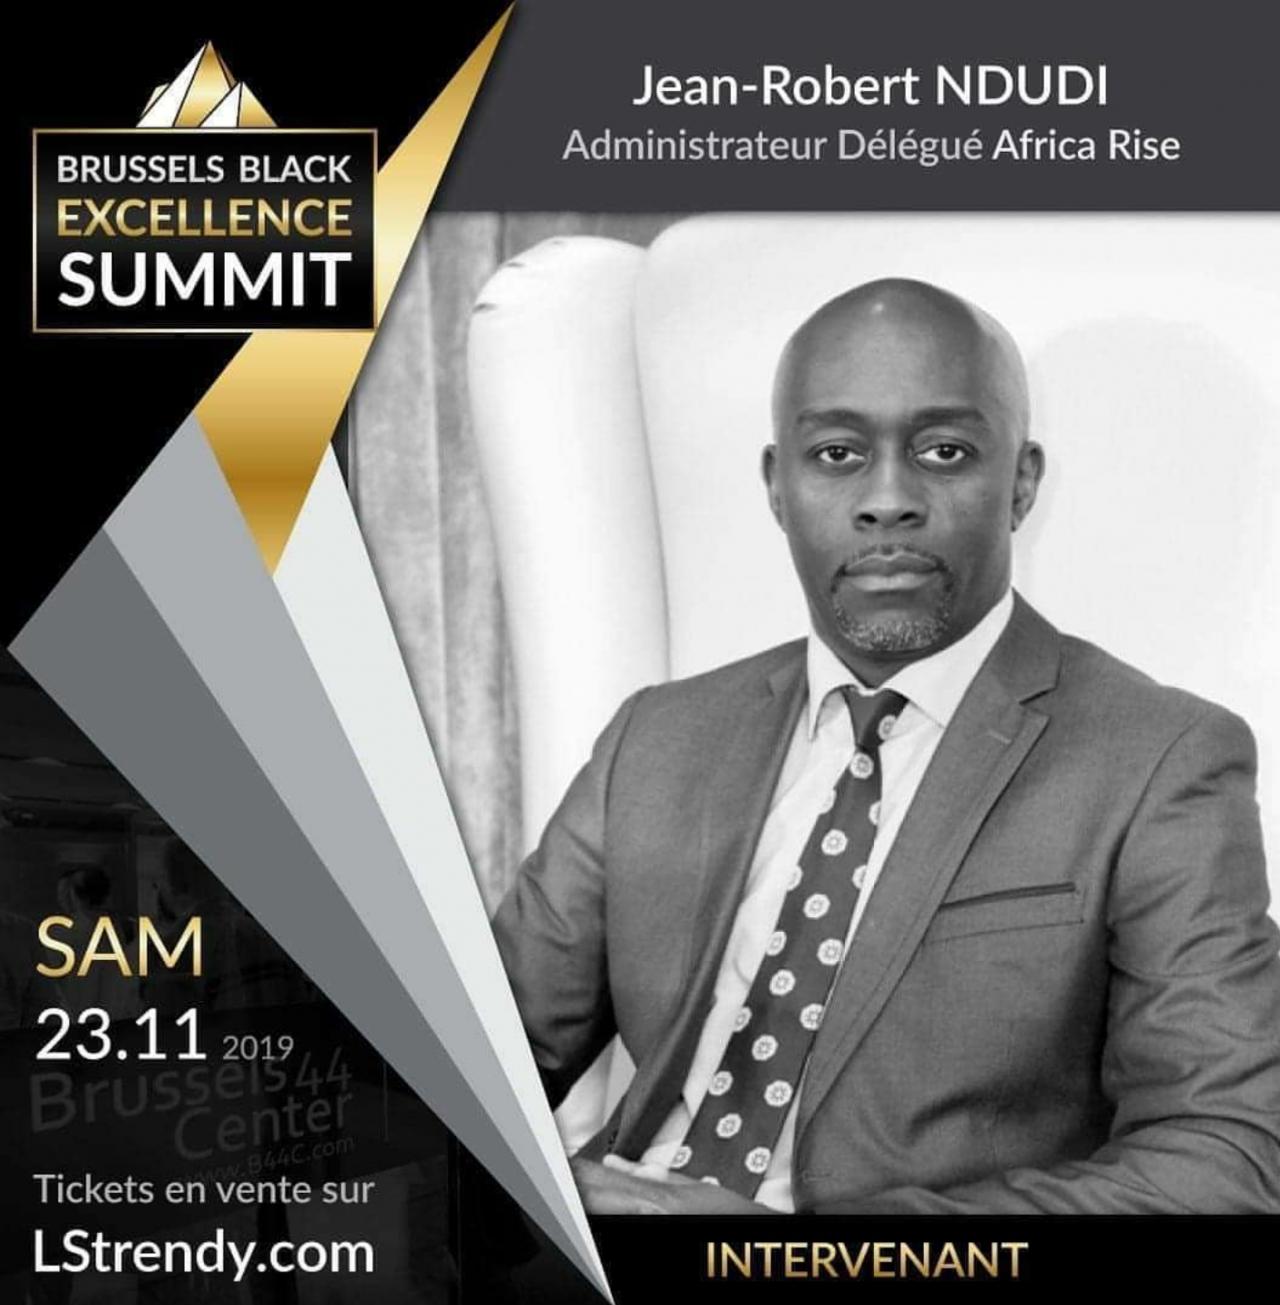 Jean-Robert NDUDI